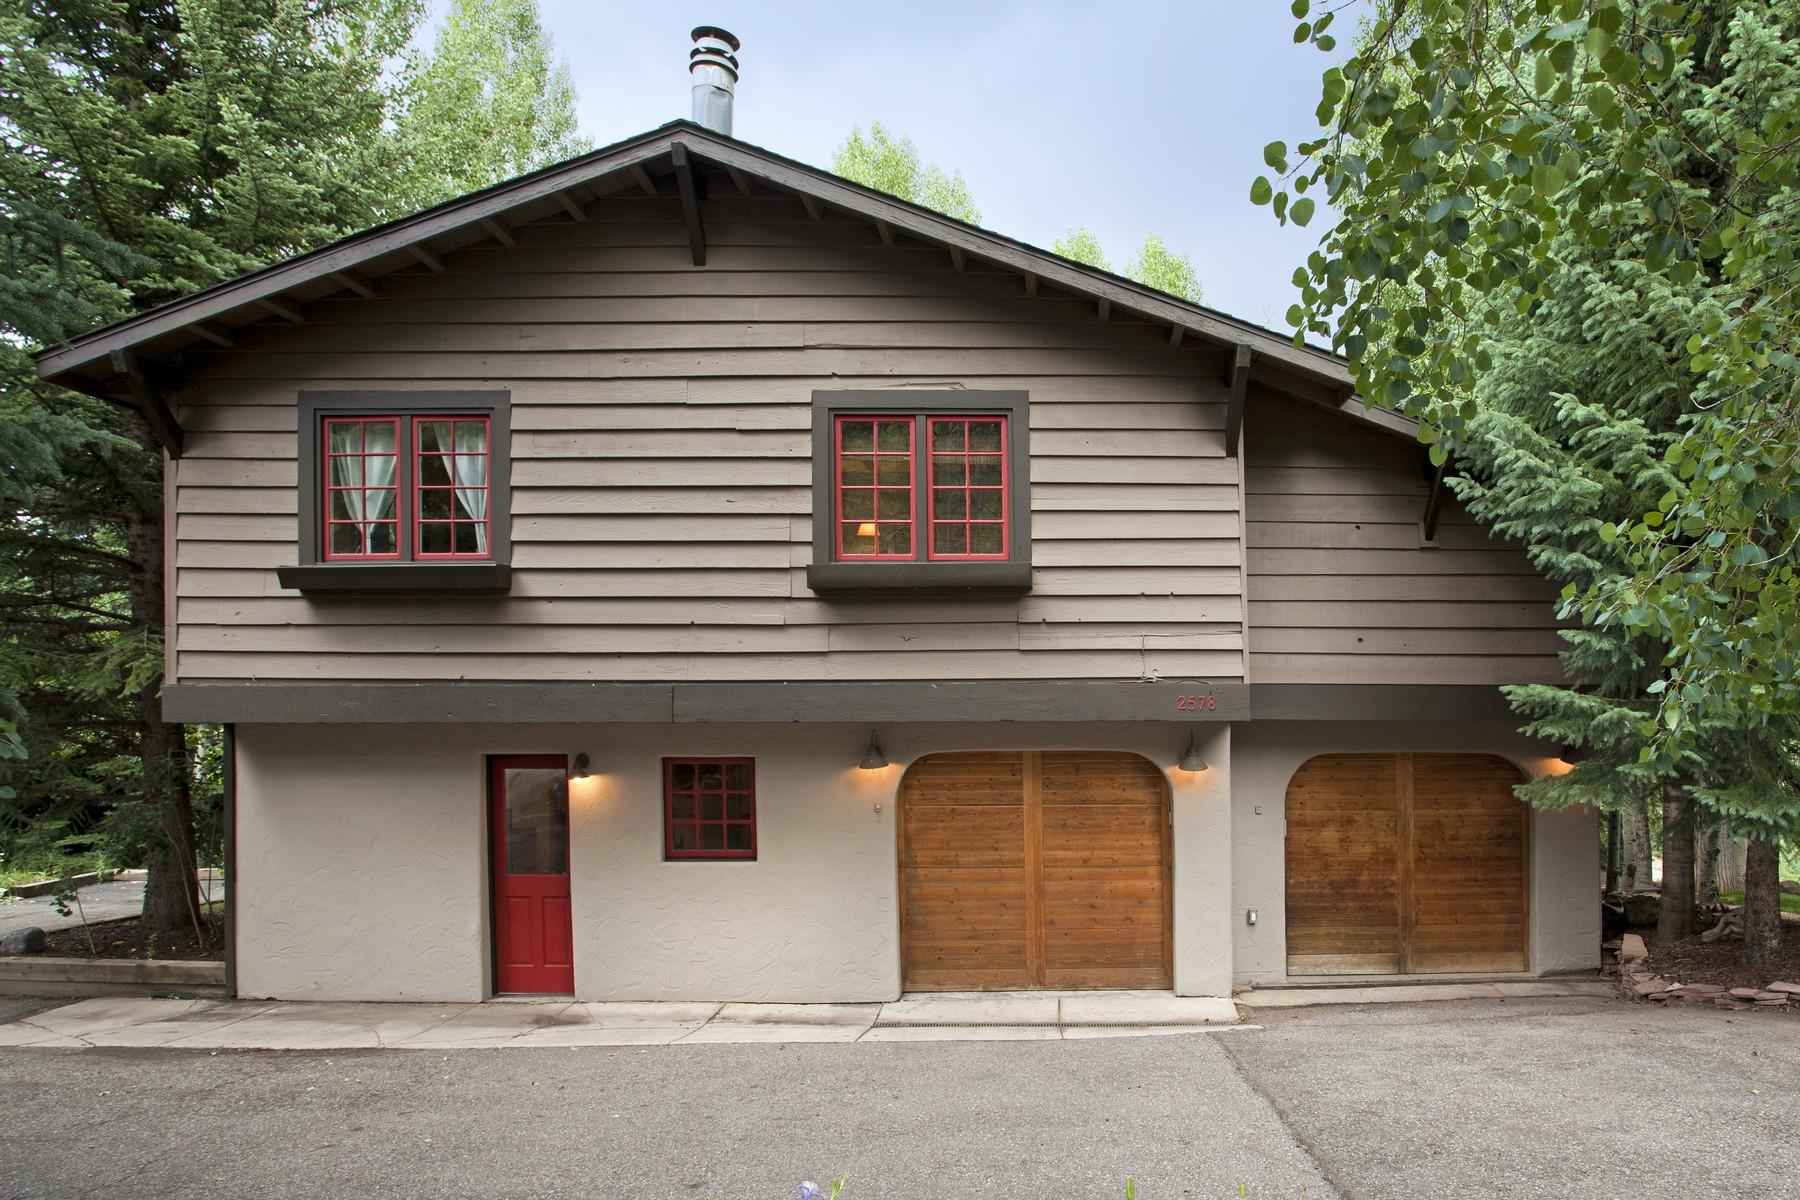 Maison unifamiliale pour l Vente à European Chalet Worth Seeing 2578 Arosa Dr. Vail, Colorado, 81657 États-Unis